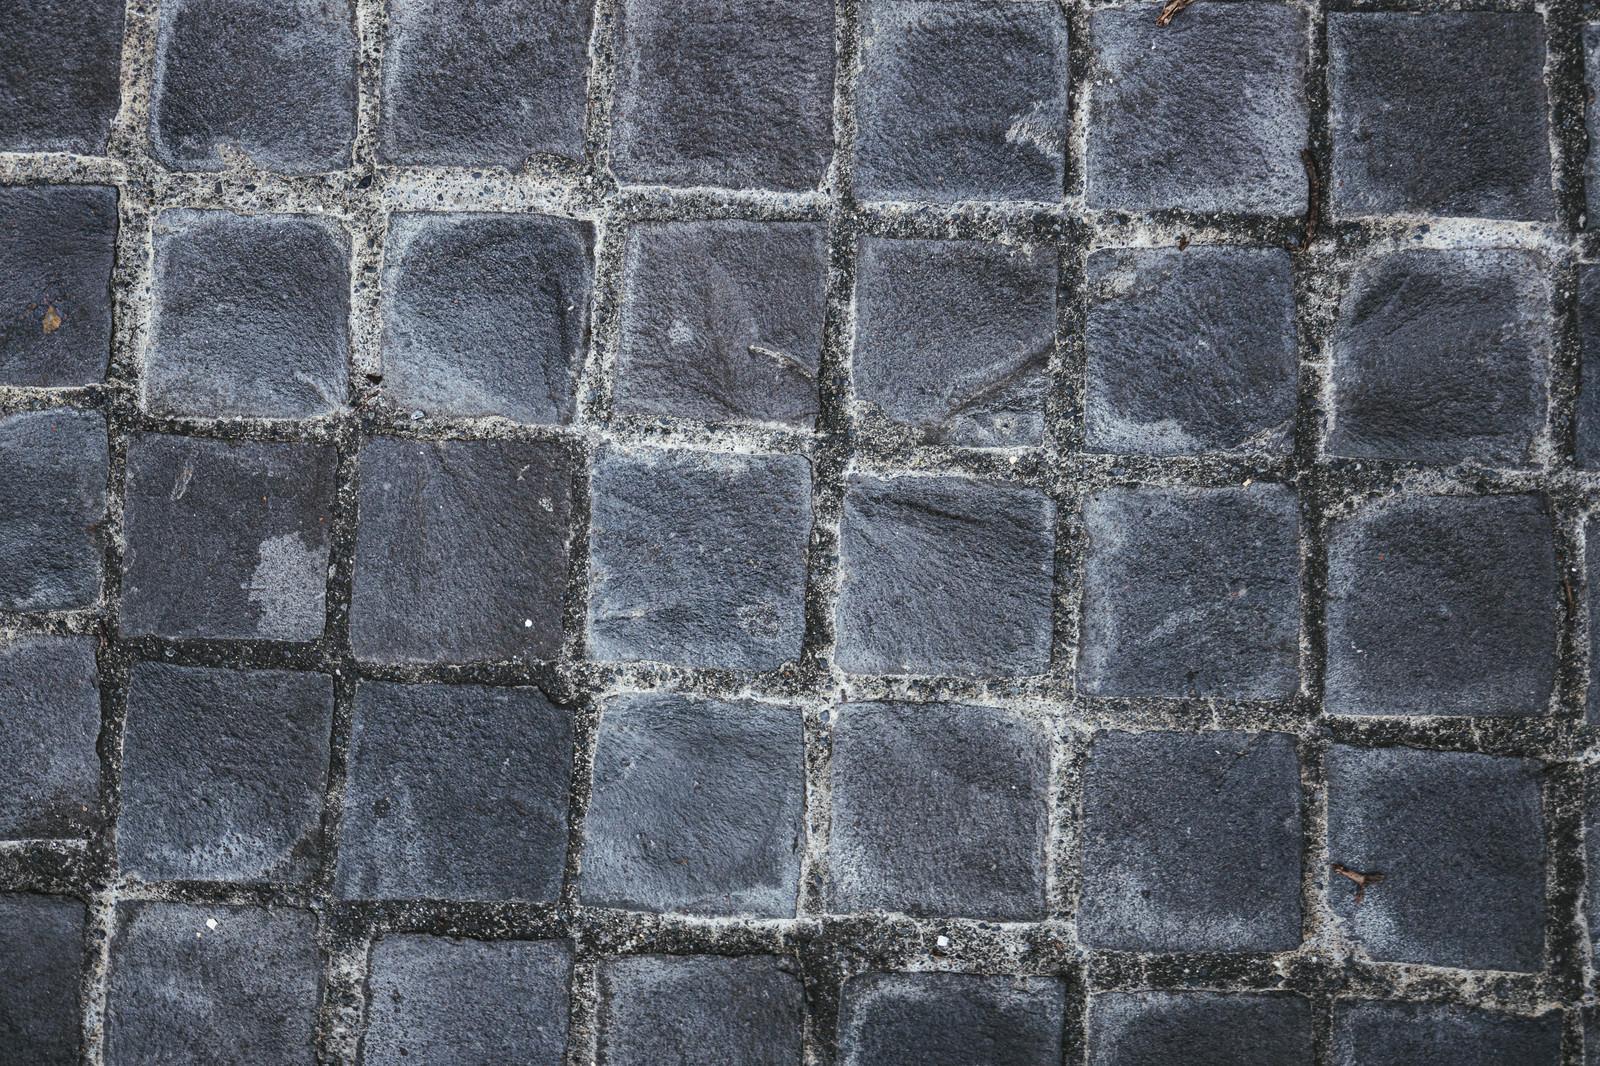 「隙間も均一ではない崩れた床(テクスチャ)」の写真